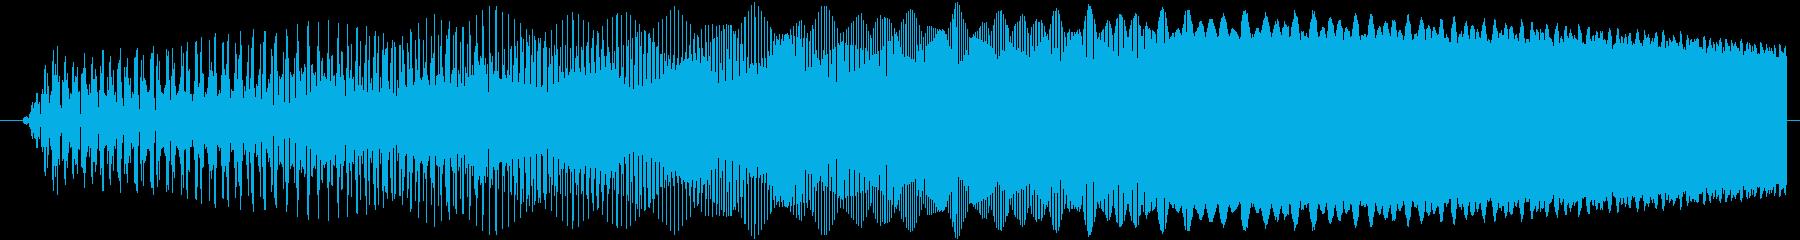 ブゥーン(チャージ・ゲージ上昇)の再生済みの波形